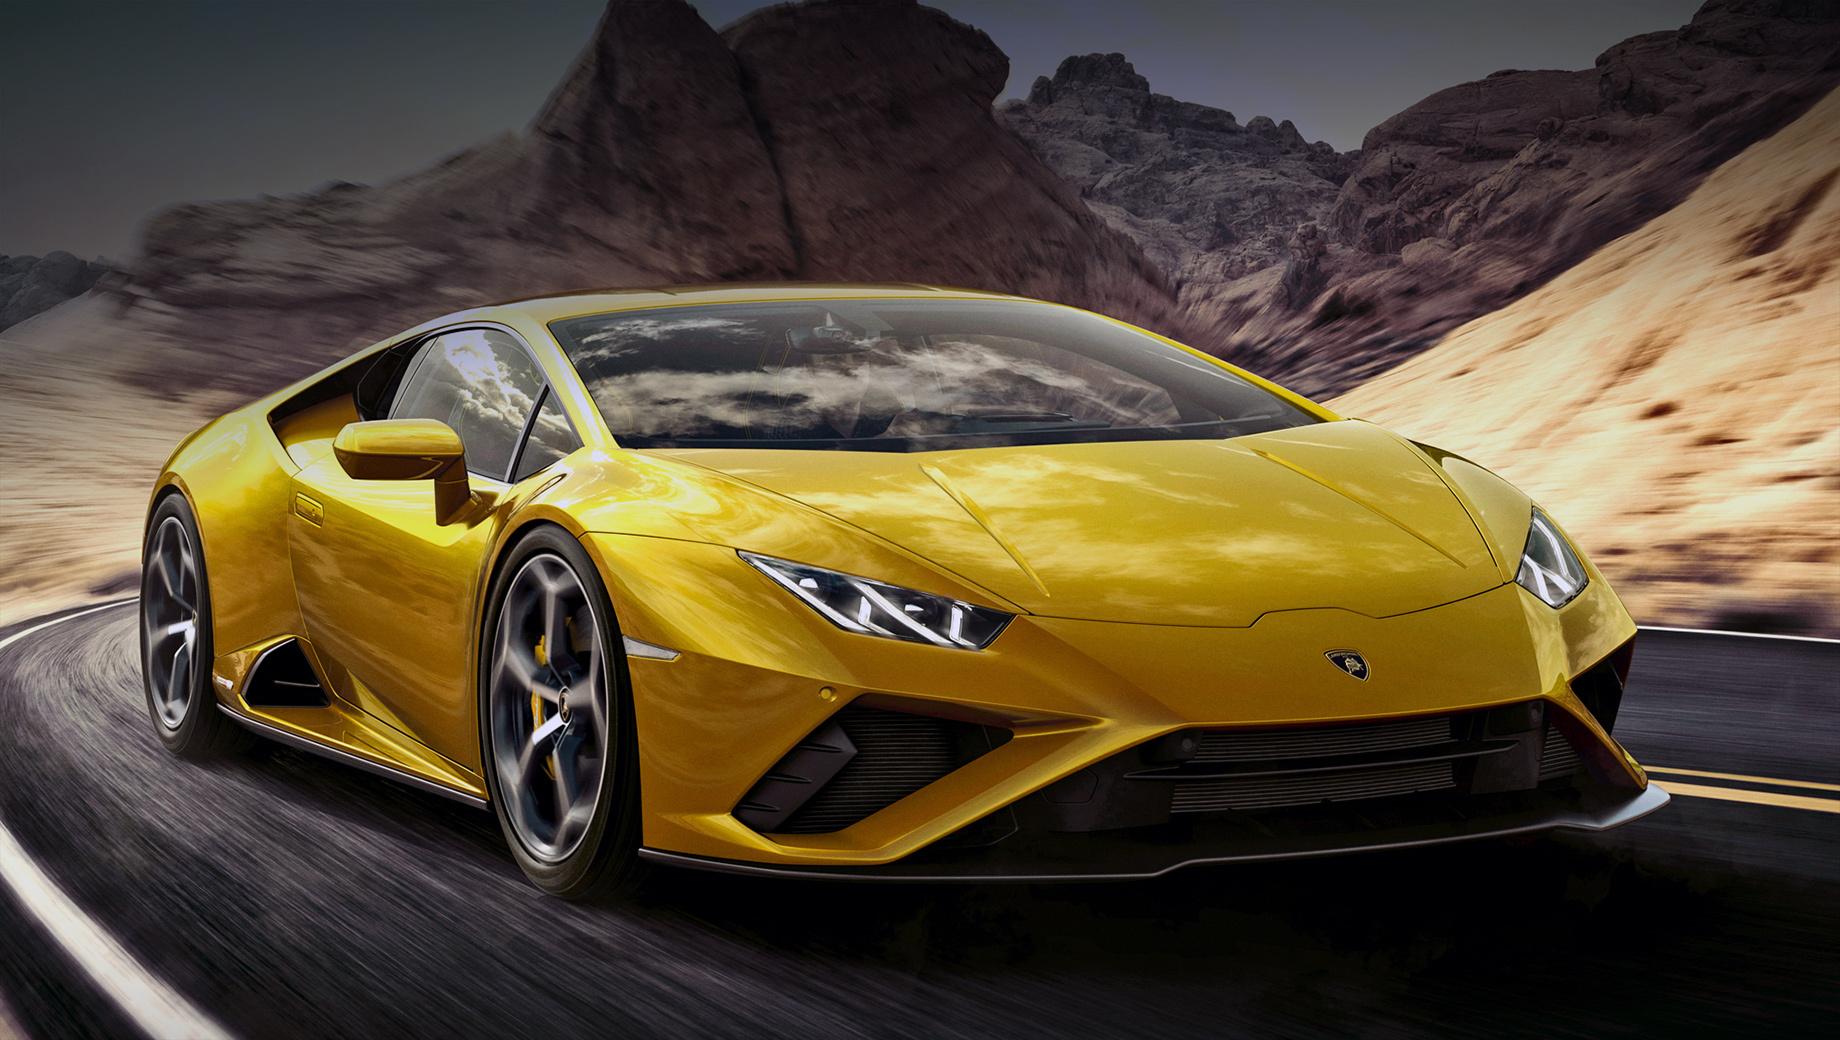 Lamborghini huracan,Lamborghini huracan evo. Сухая масса после обновления не изменилась и по-прежнему не превышает 1389 кг. Значит, RWD легче полноприводного купе на 33 кг. Развесовка по осям — 40:60 в пользу задней.